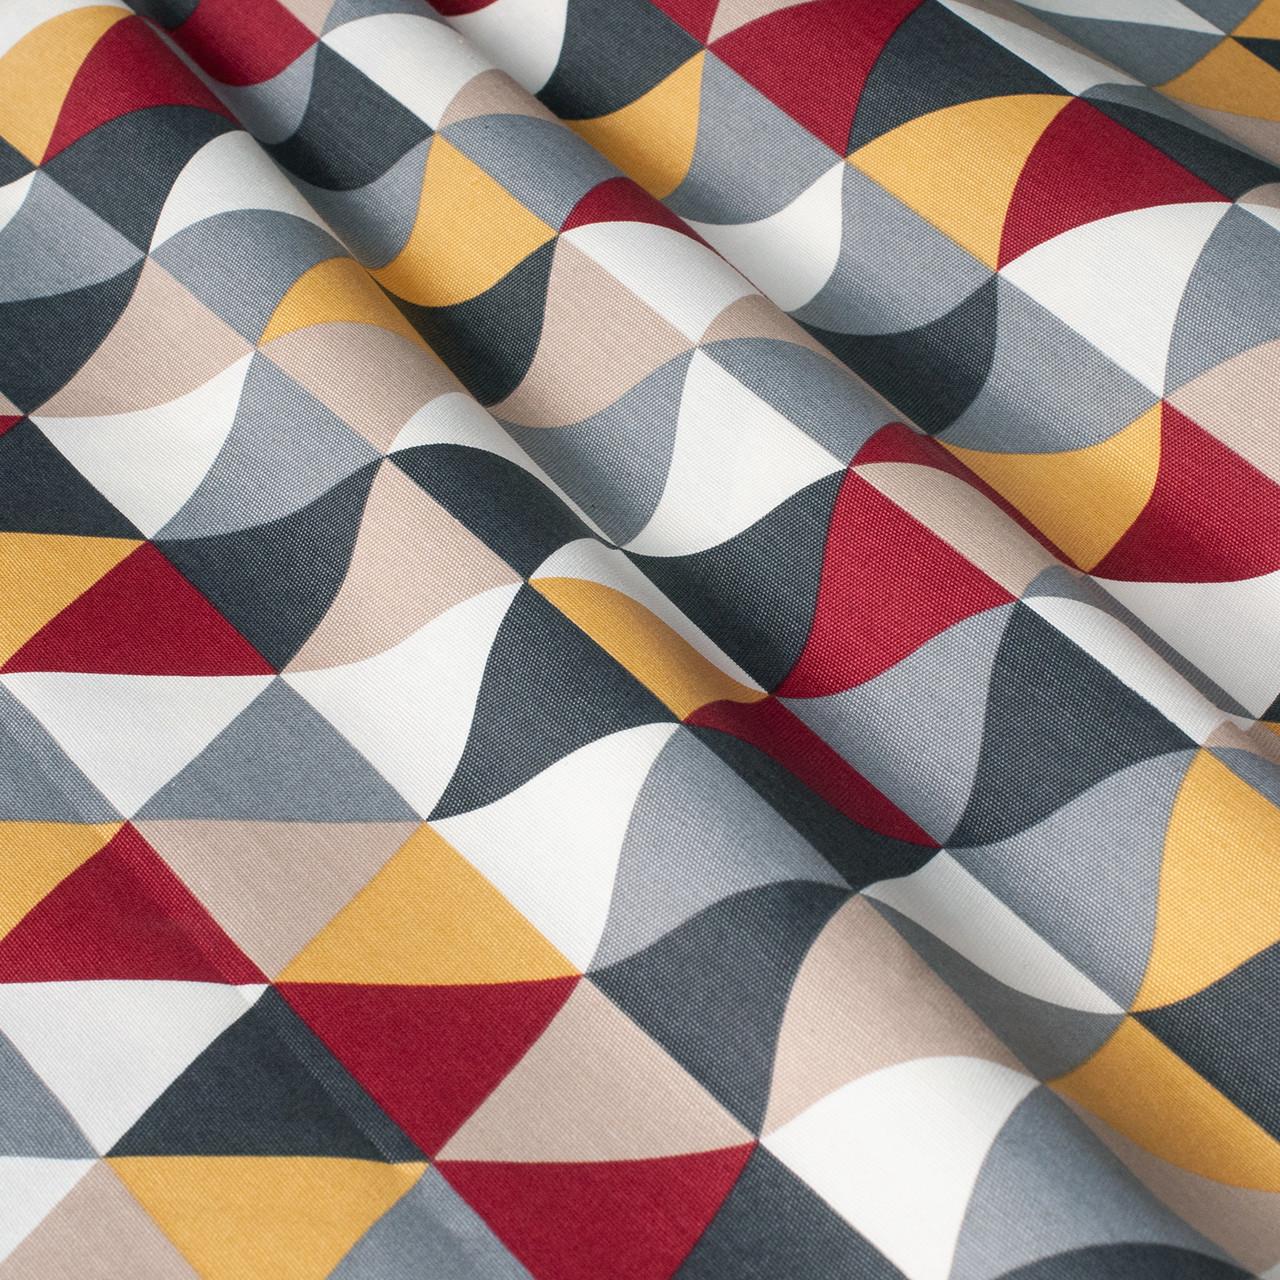 Декоративная ткань с серо-бежевой мозаикой 180см 84484v1